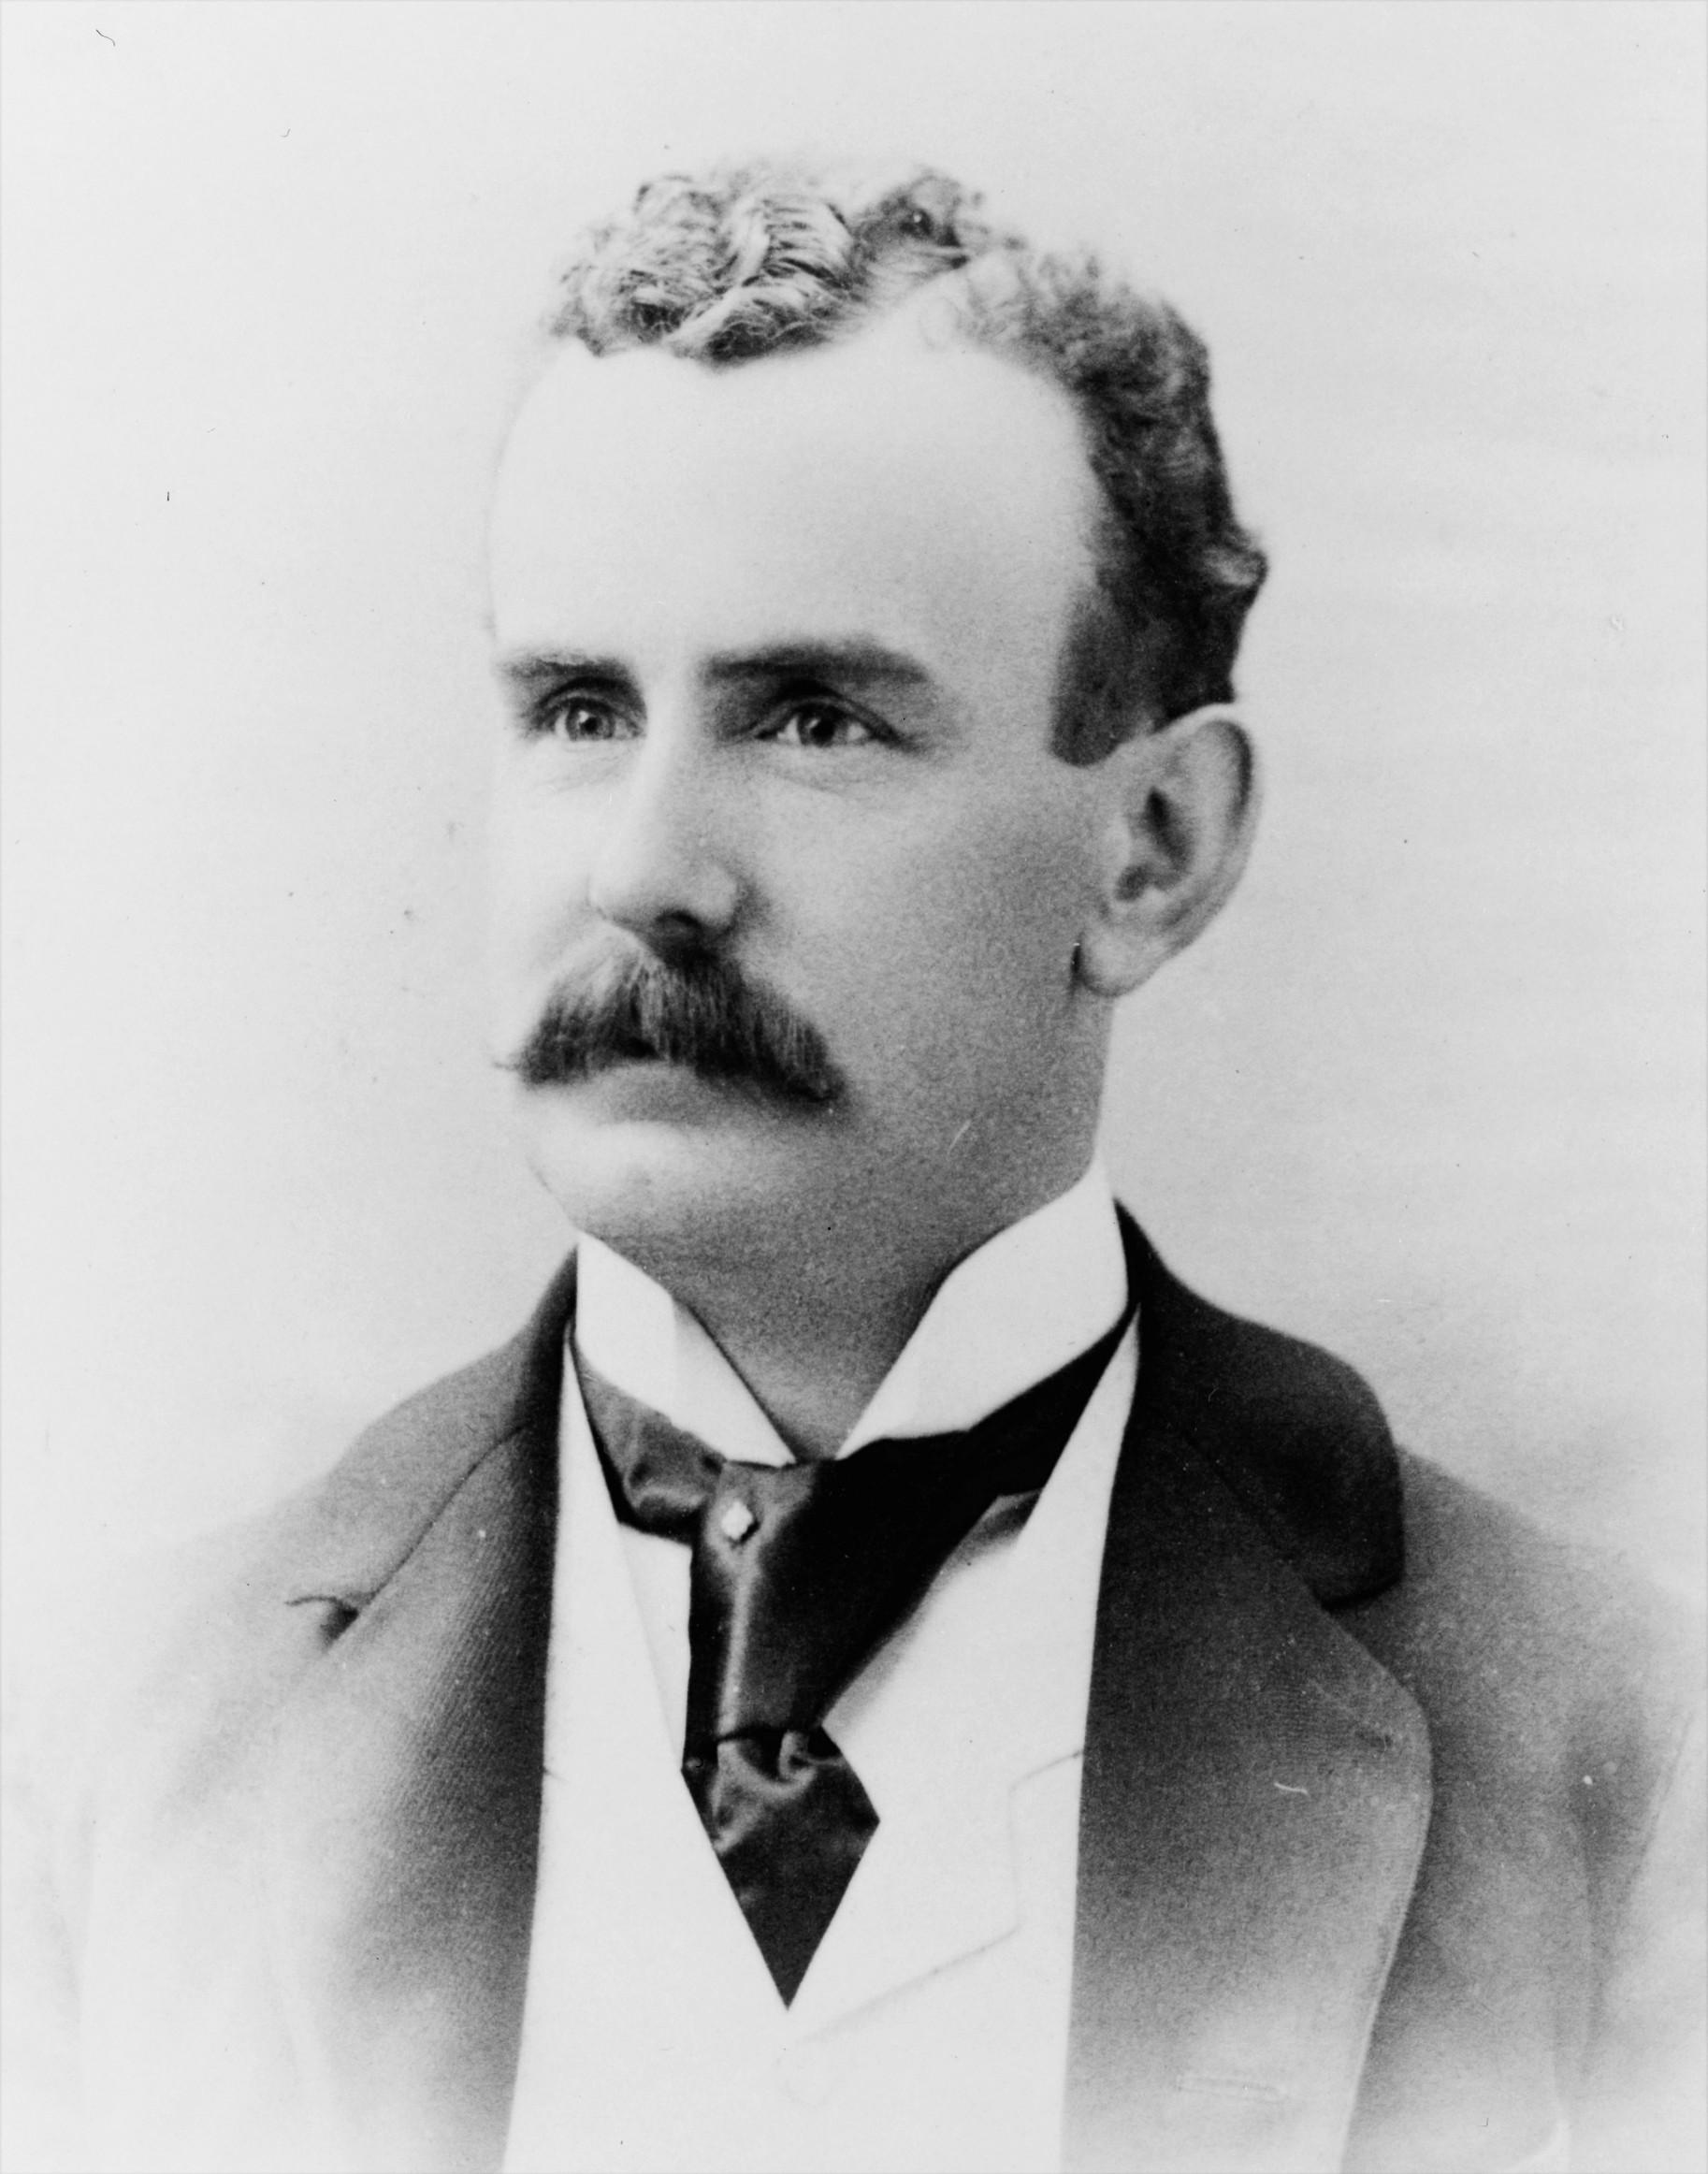 Walter Scott Lenox Wikipedia